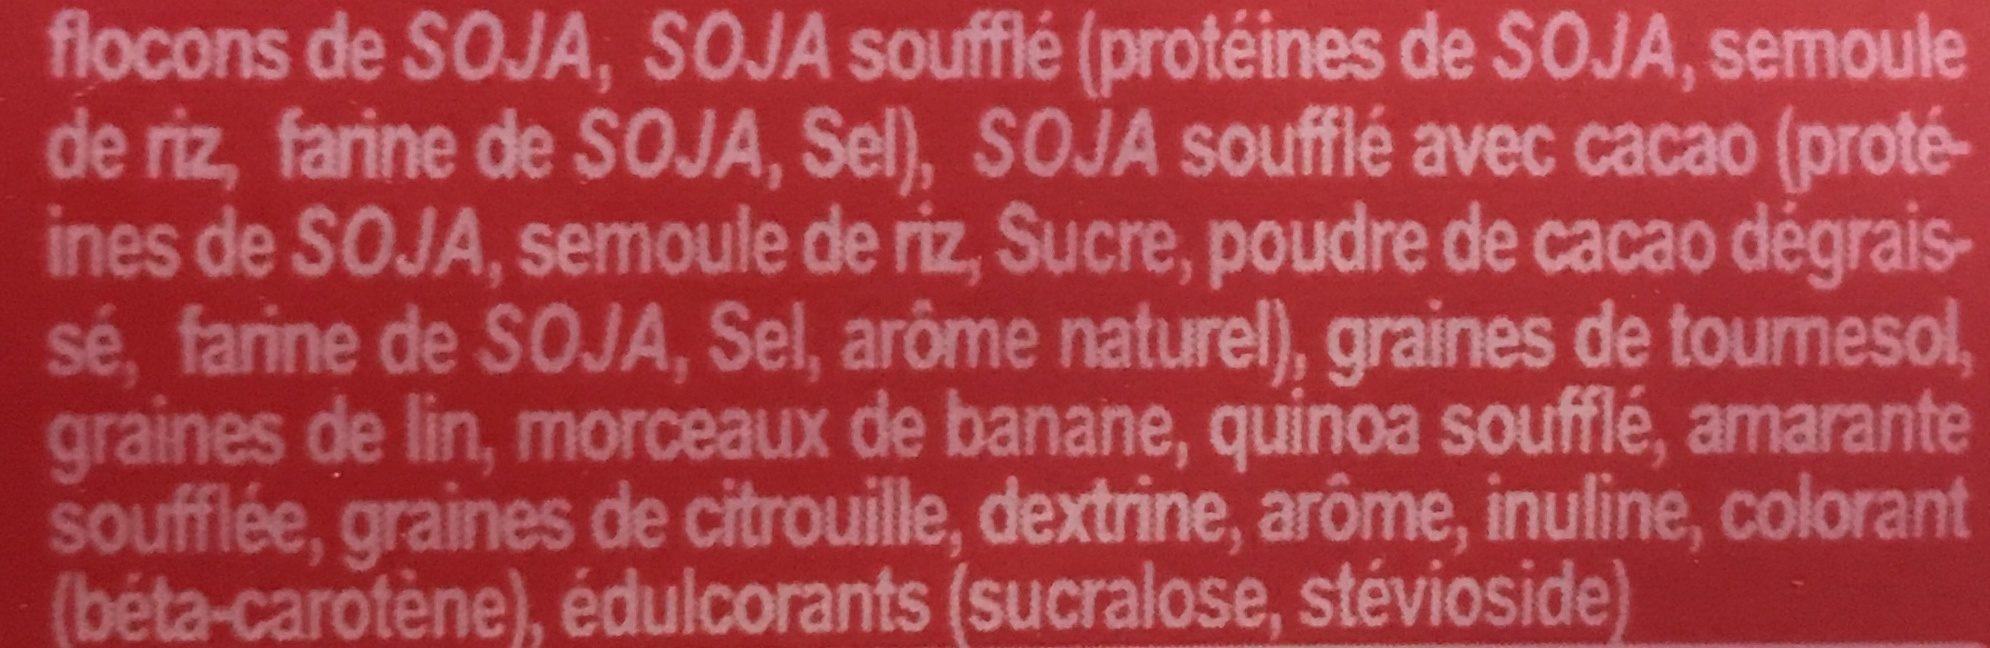 Protein Muesli Banane - Ingrediënten - fr